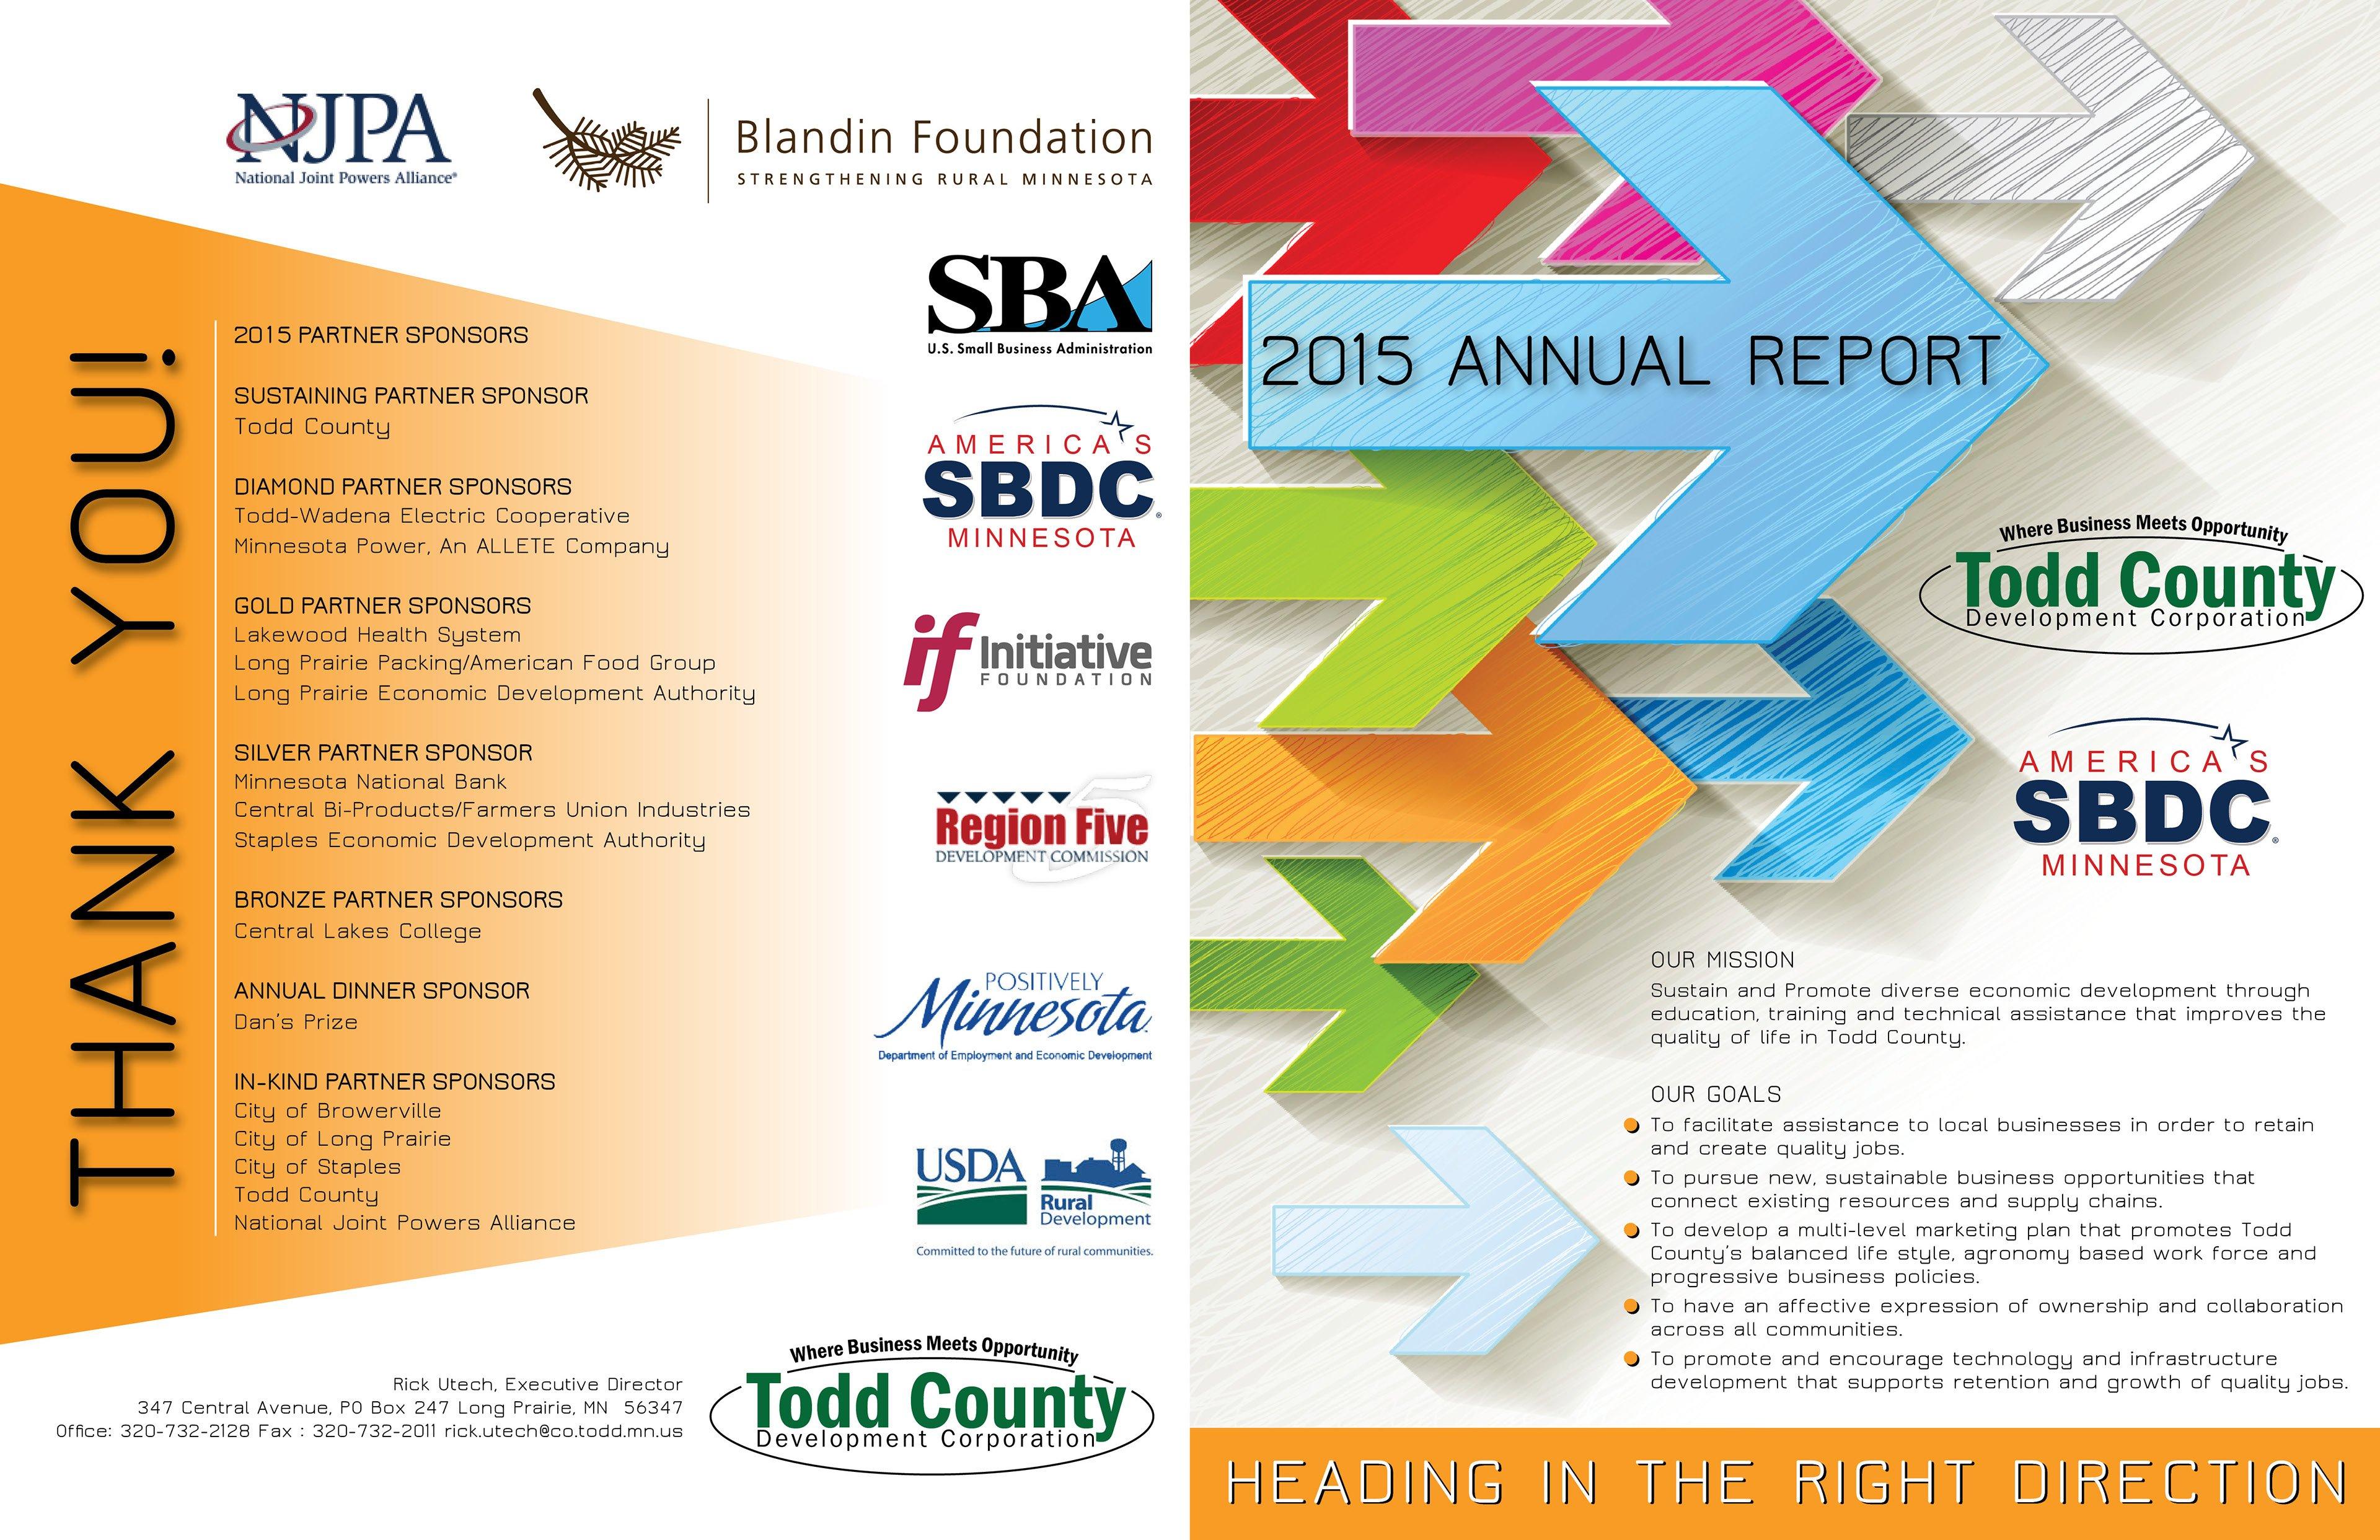 Todd County Development Corporation 2015 Annual Report